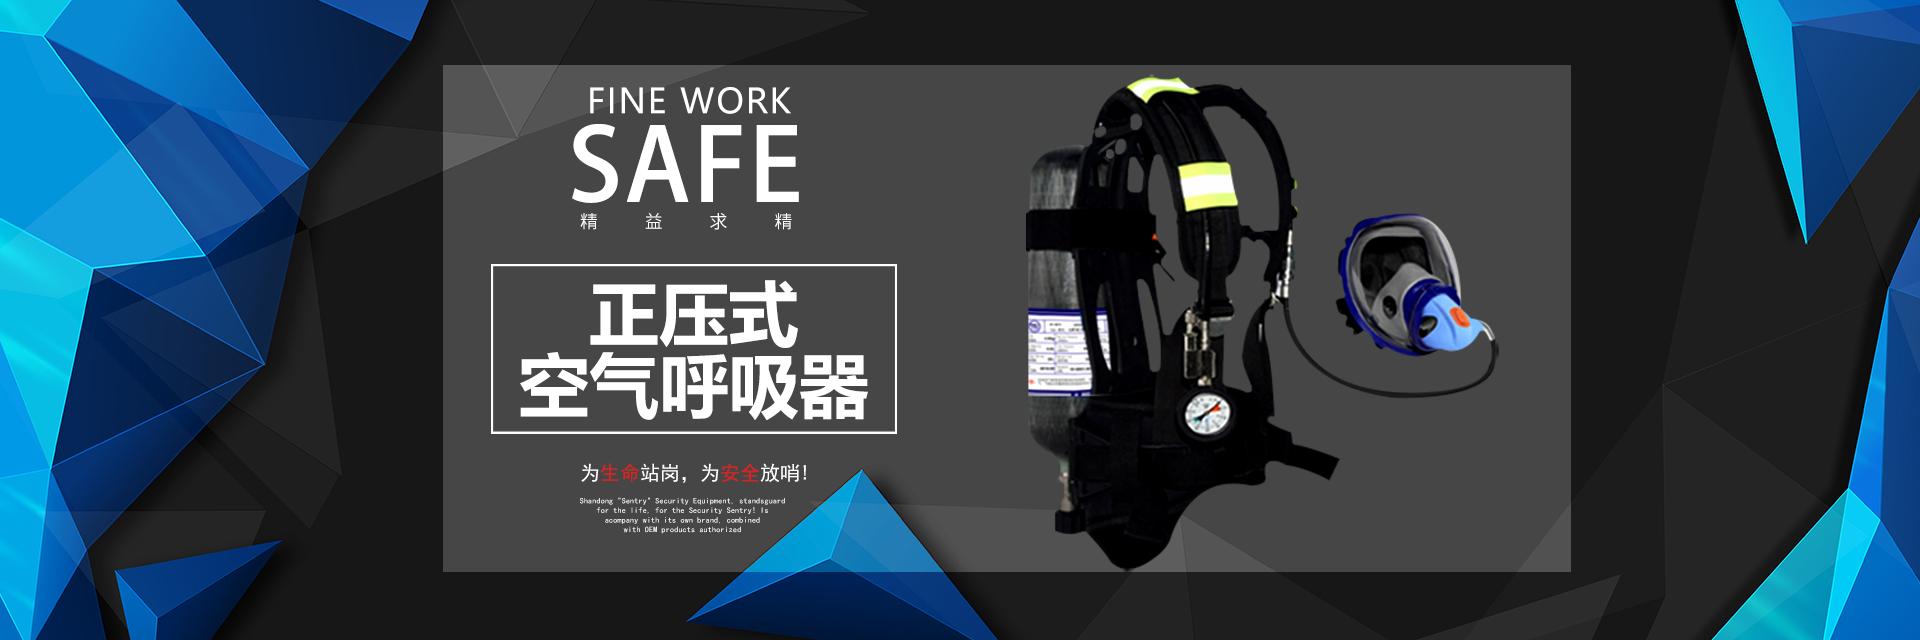 空气呼吸器厂家,防化服厂家,气体检测仪厂家